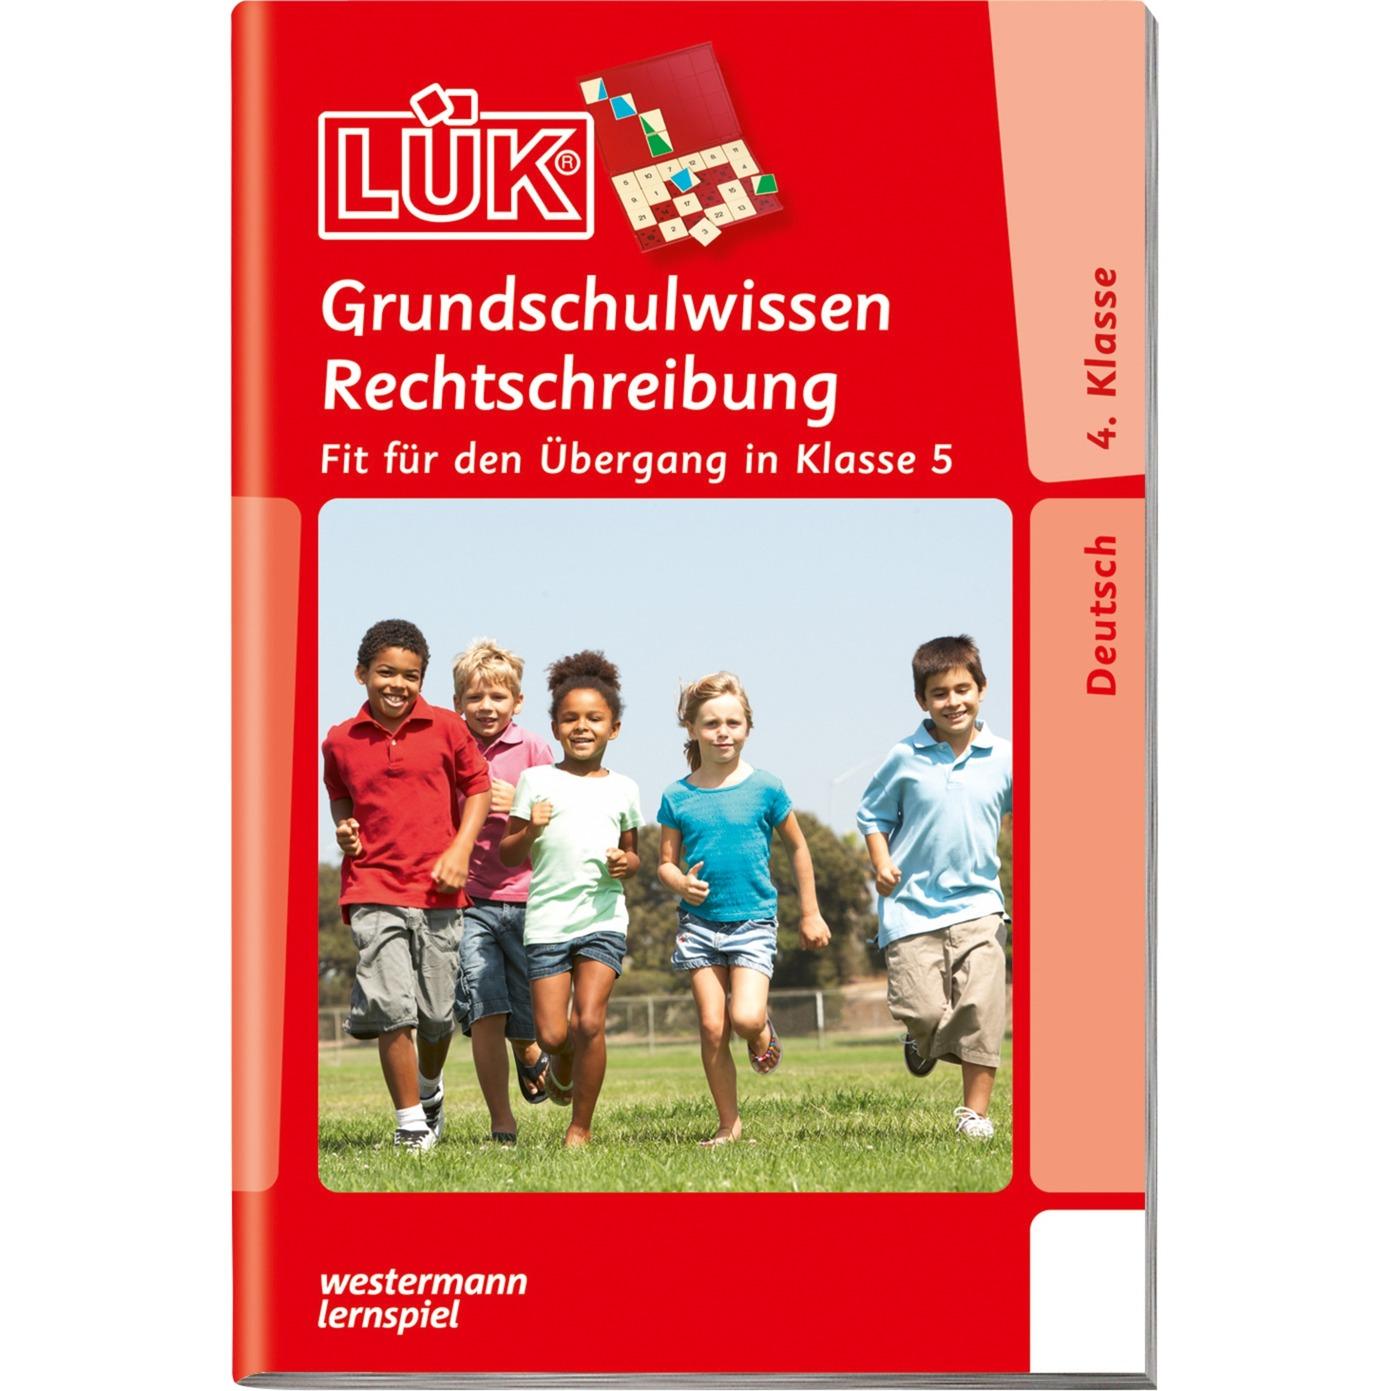 grundschulwissen-rechtschreibung-fit-fuer-den-uebergang-4-5-klasse-bornebog-bog-til-indlaring-skolebog